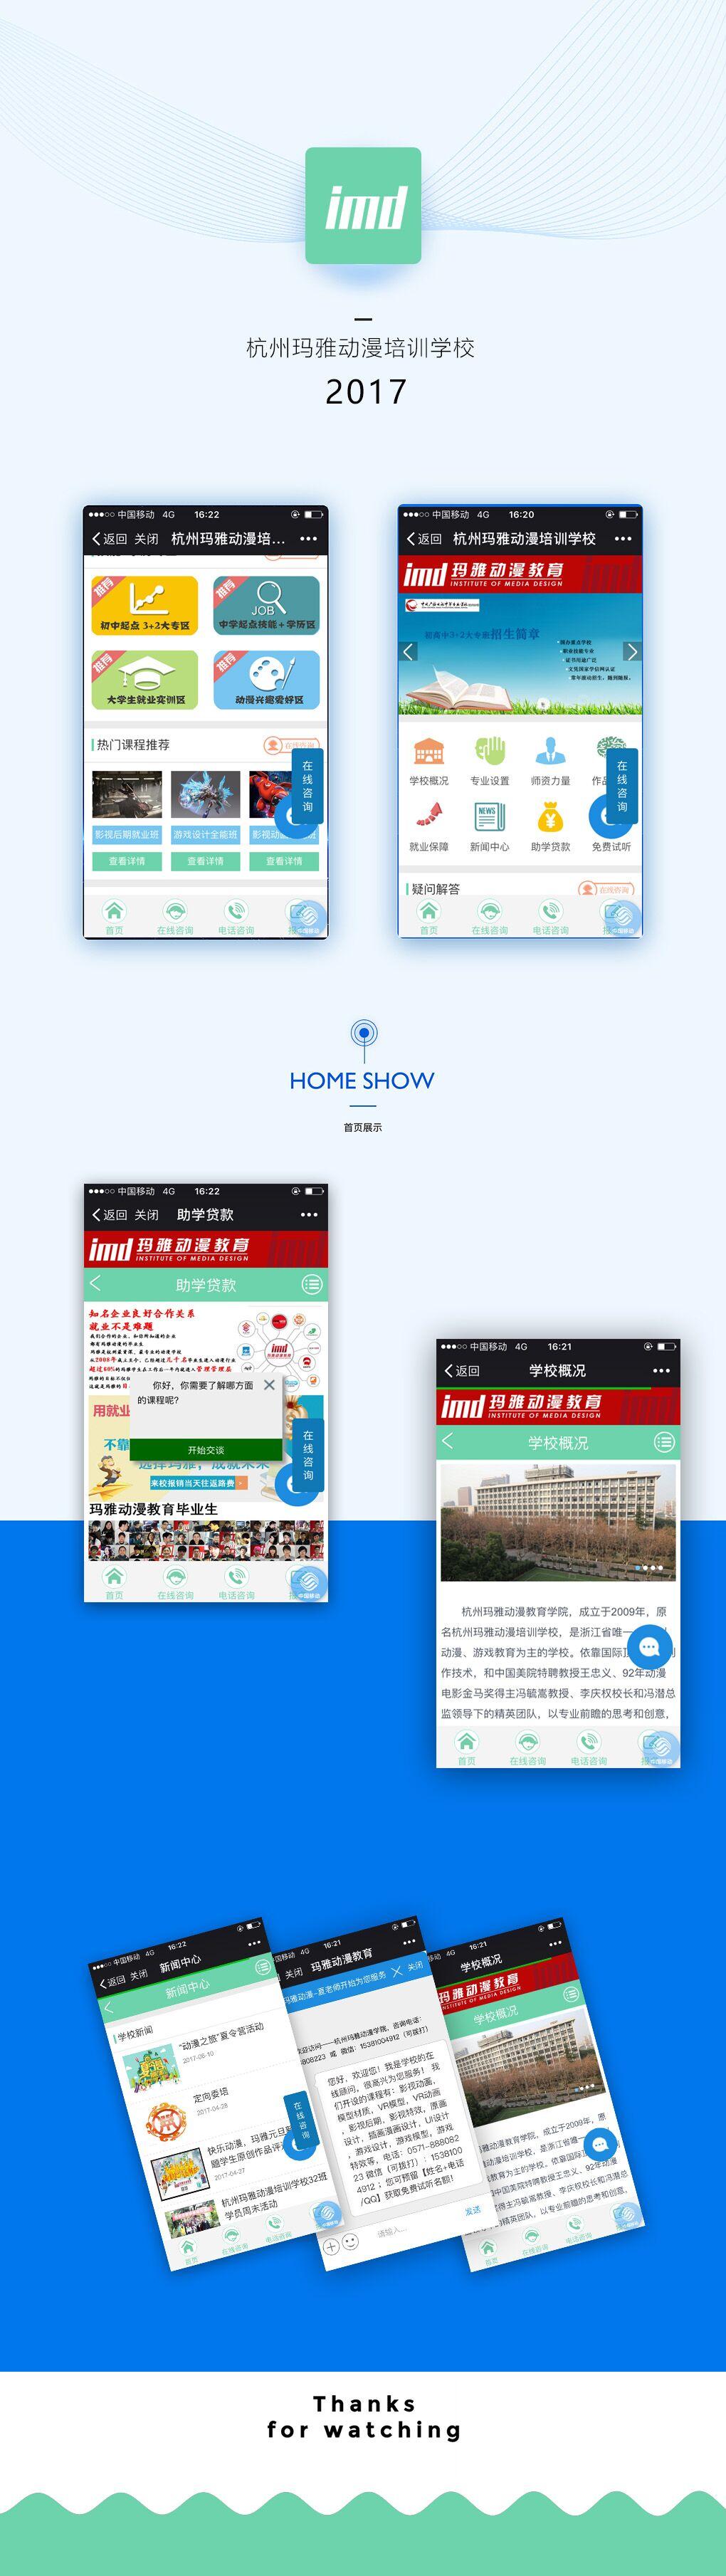 杭州玛雅动漫培训学校-杭州盘网微信开发作品